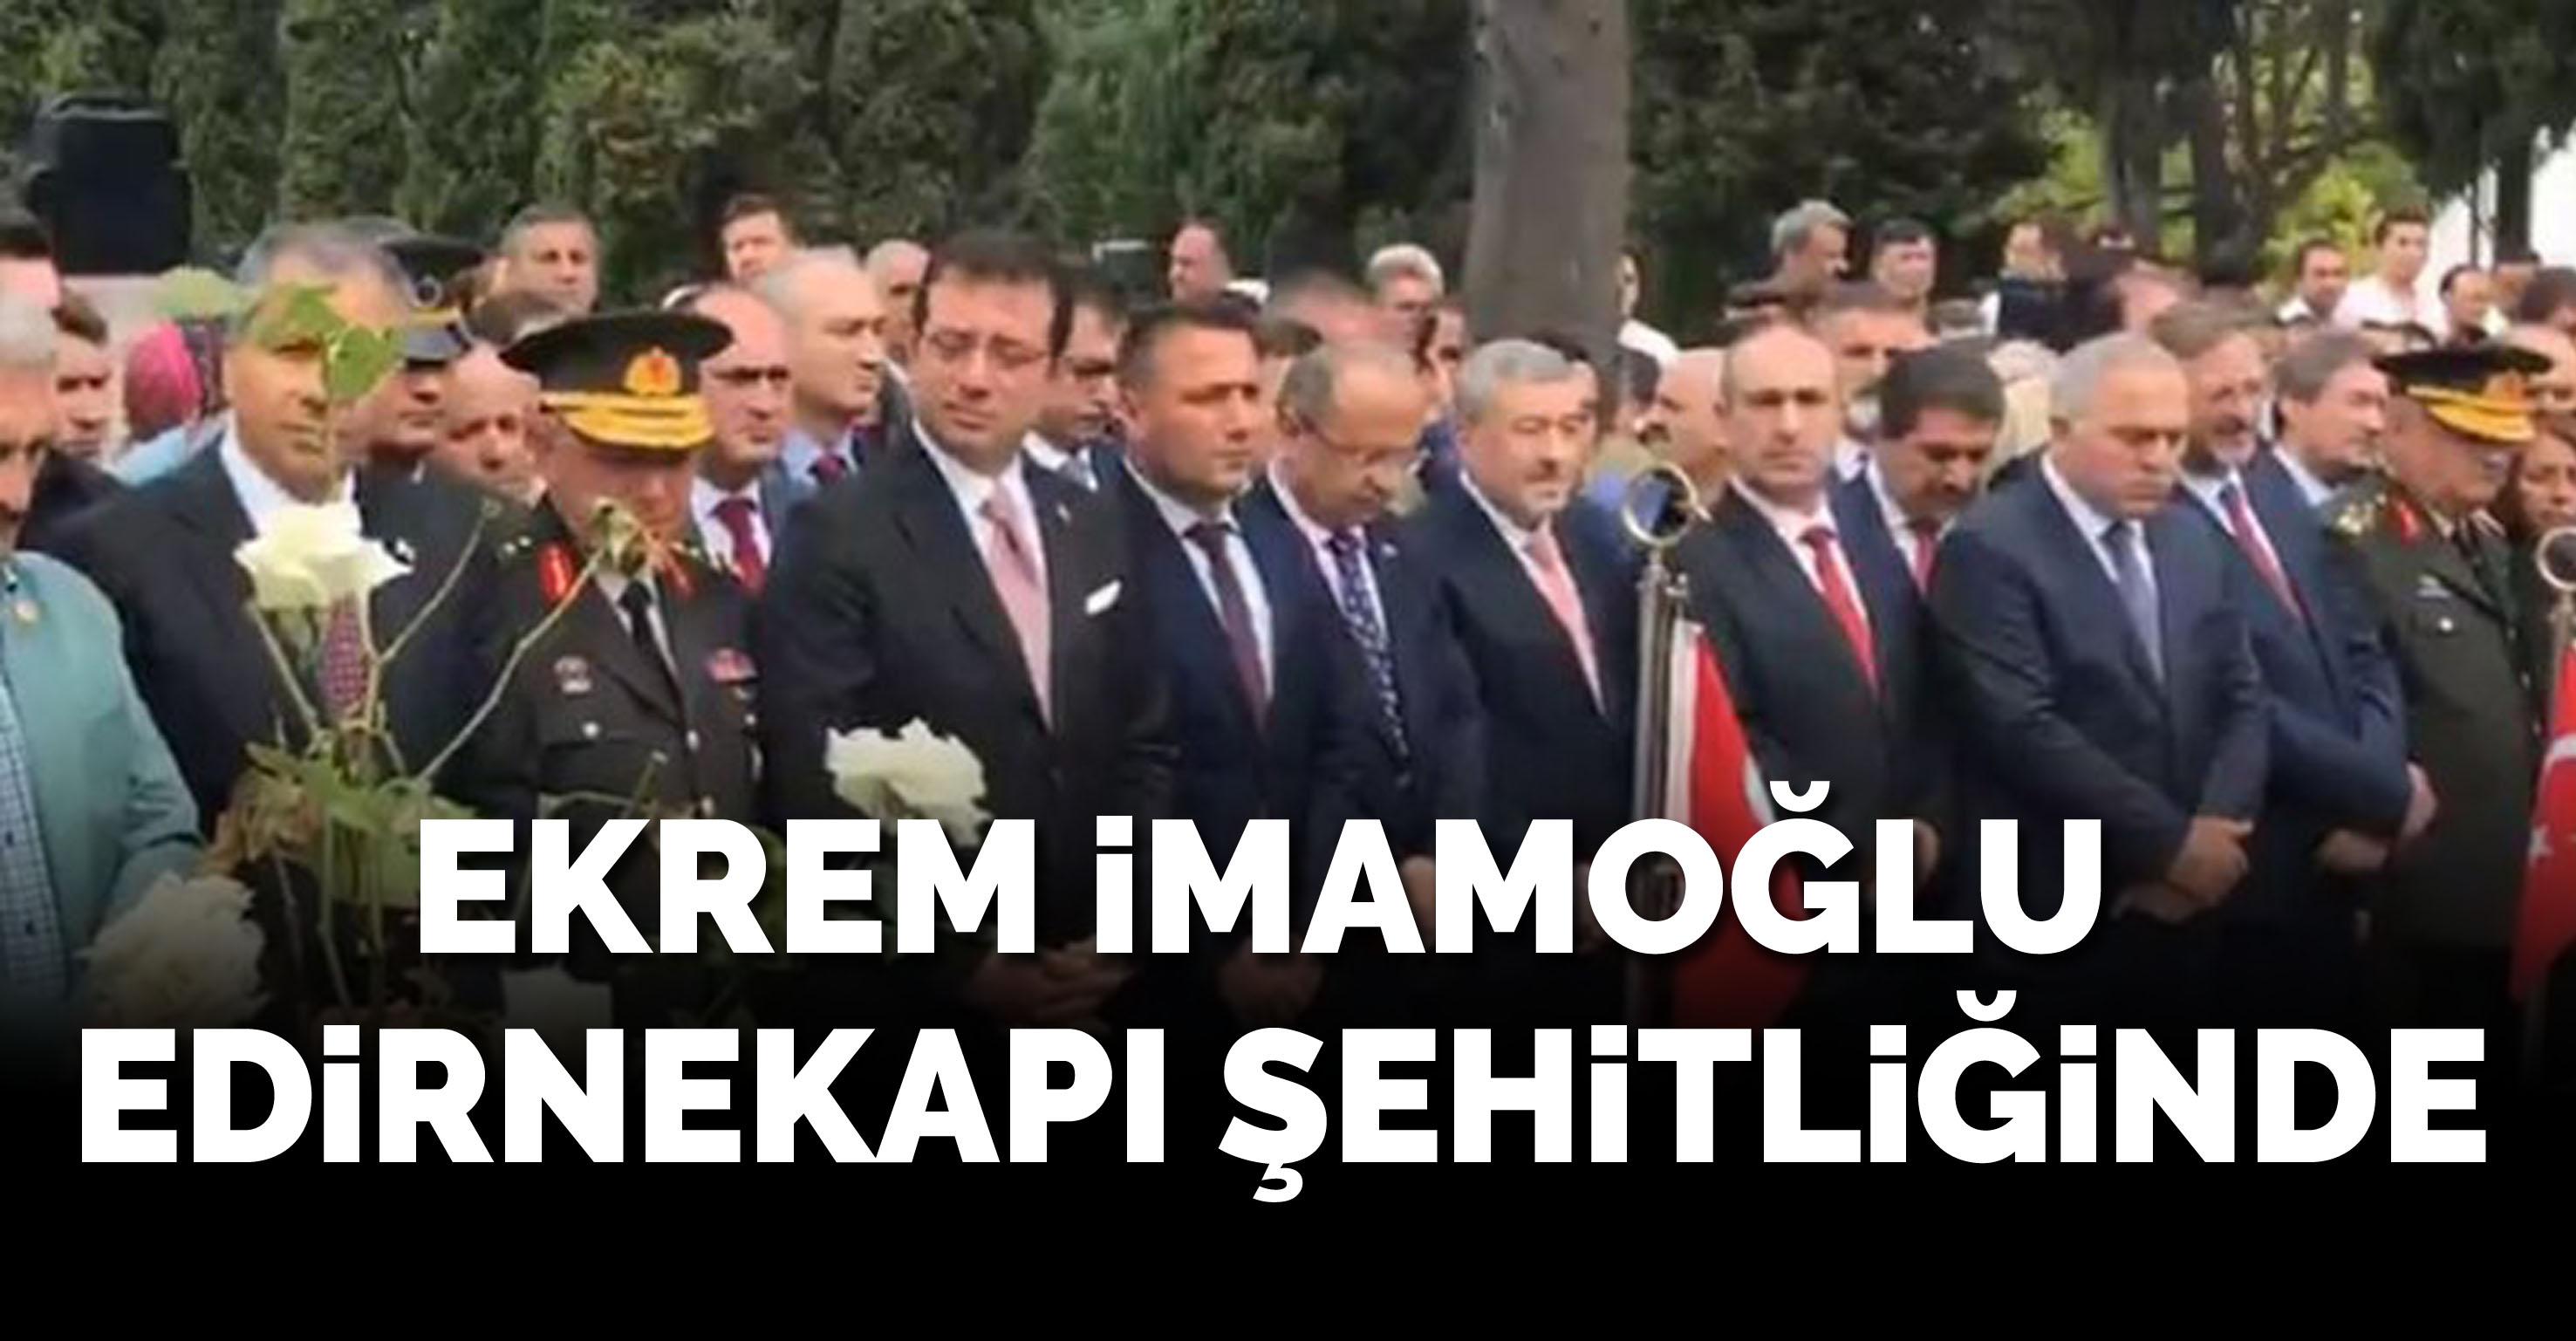 İmamoğlu, Edirnekapı Şehitliği'nde yapılan 15 Temmuz törenine katıldı